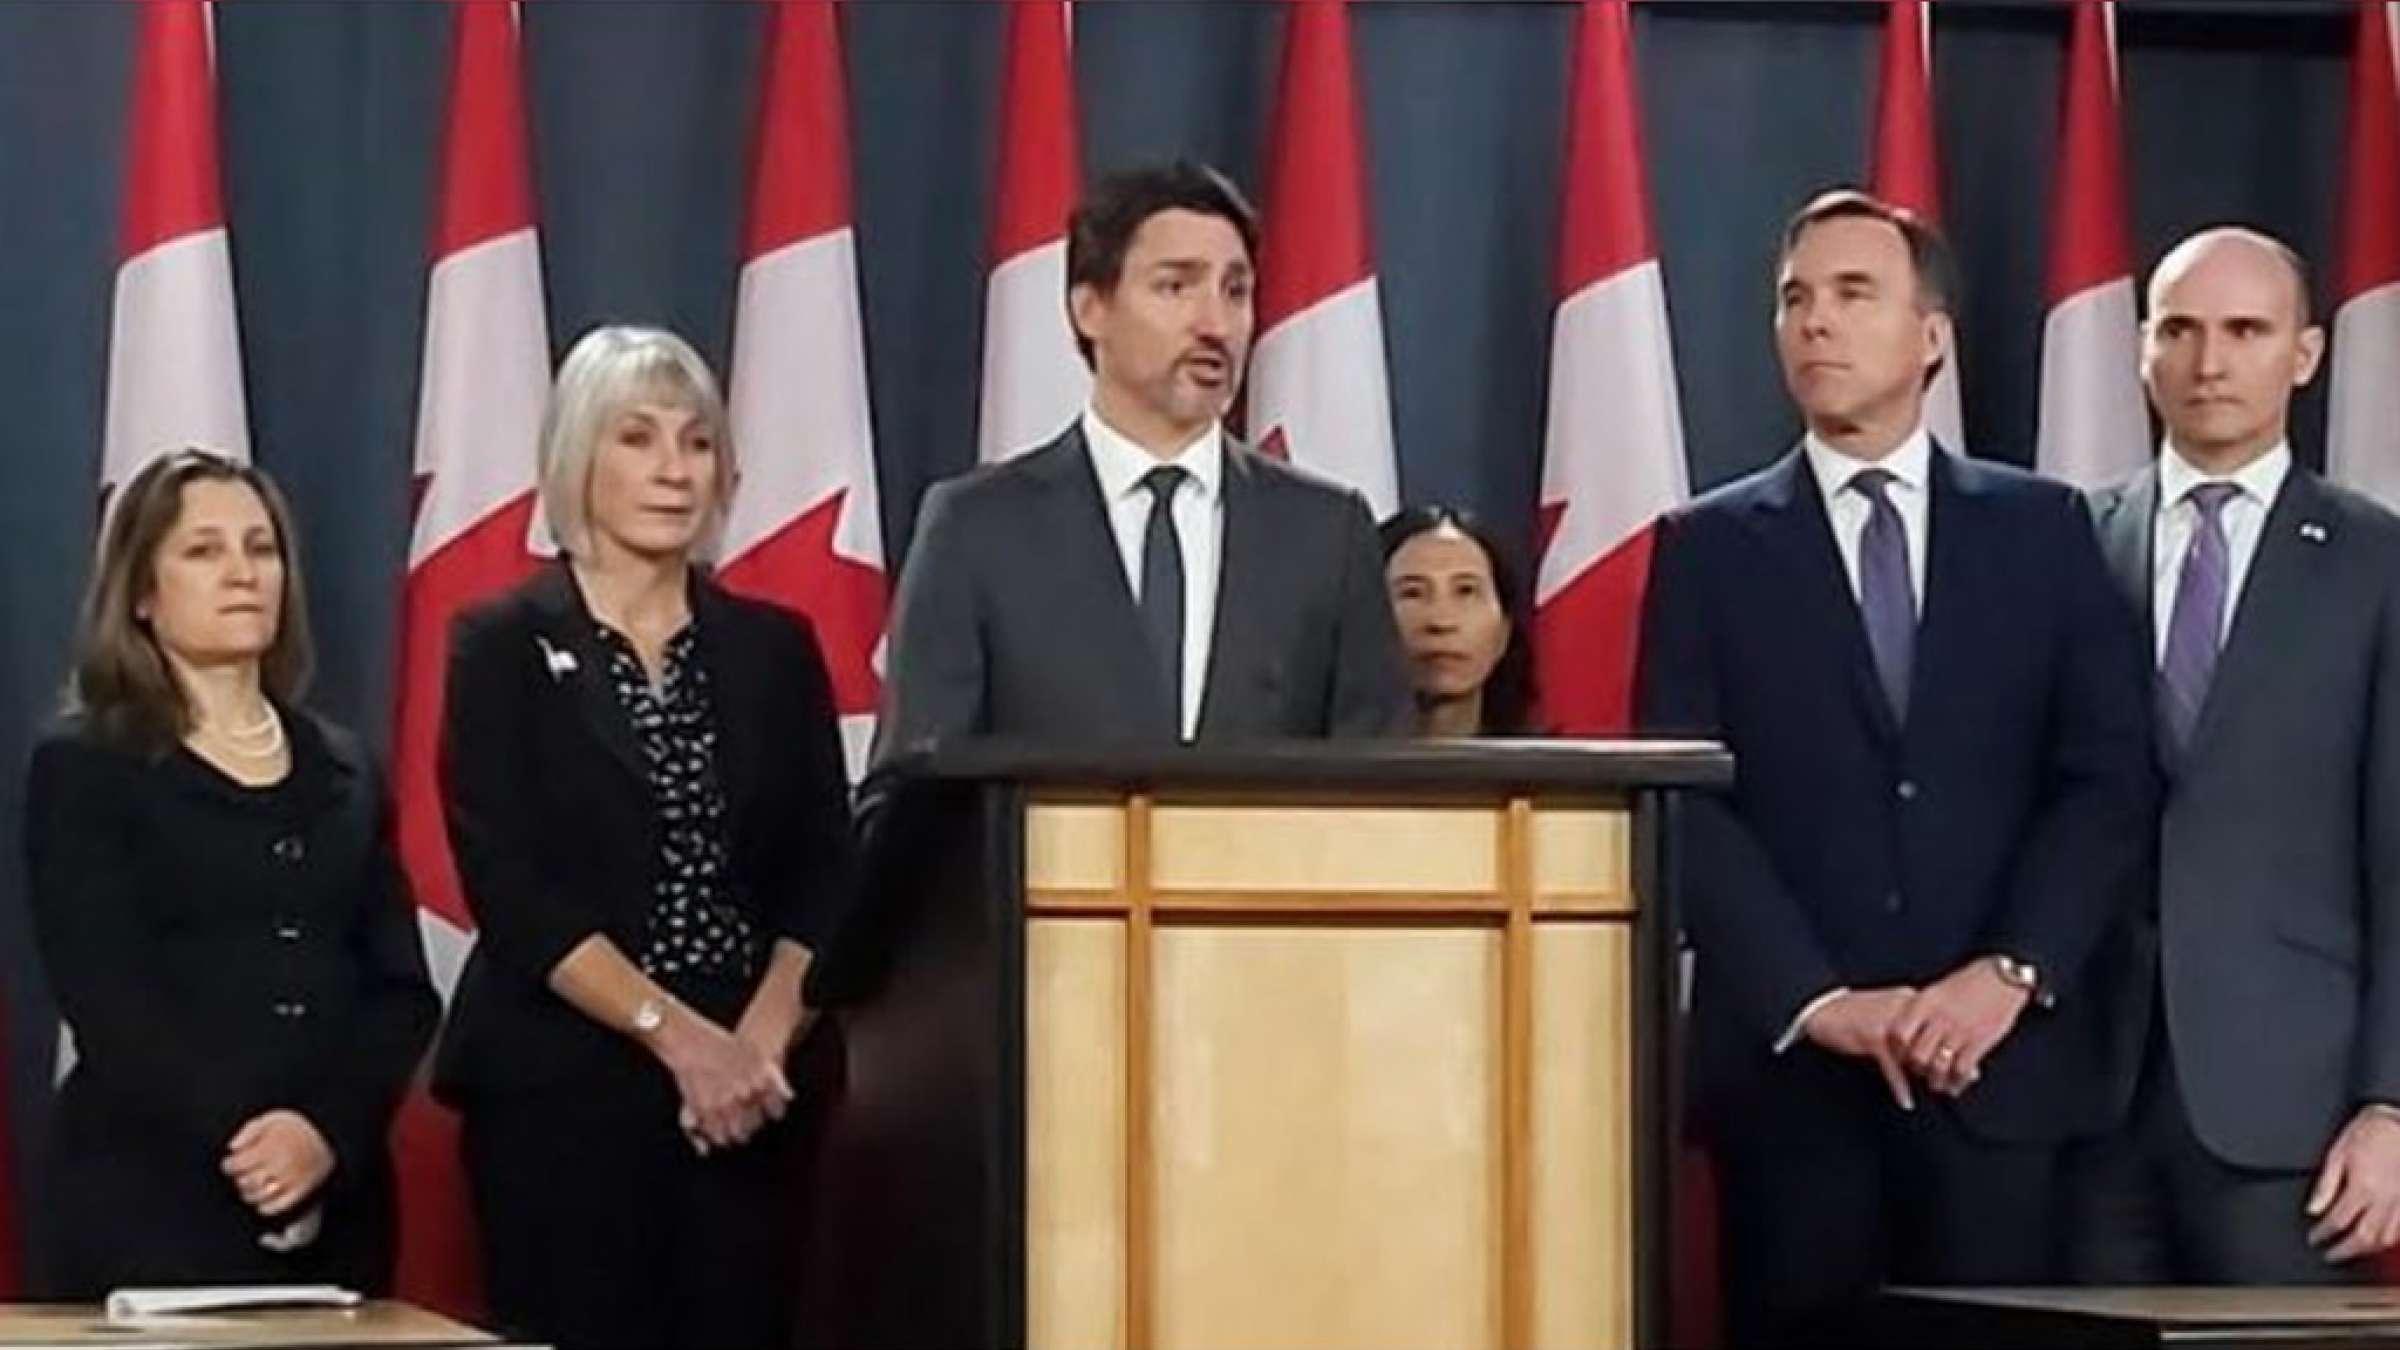 اخبار-کانادا-دستورالعمل-دولت-کانادا-در-مواجهه-با-کرونا